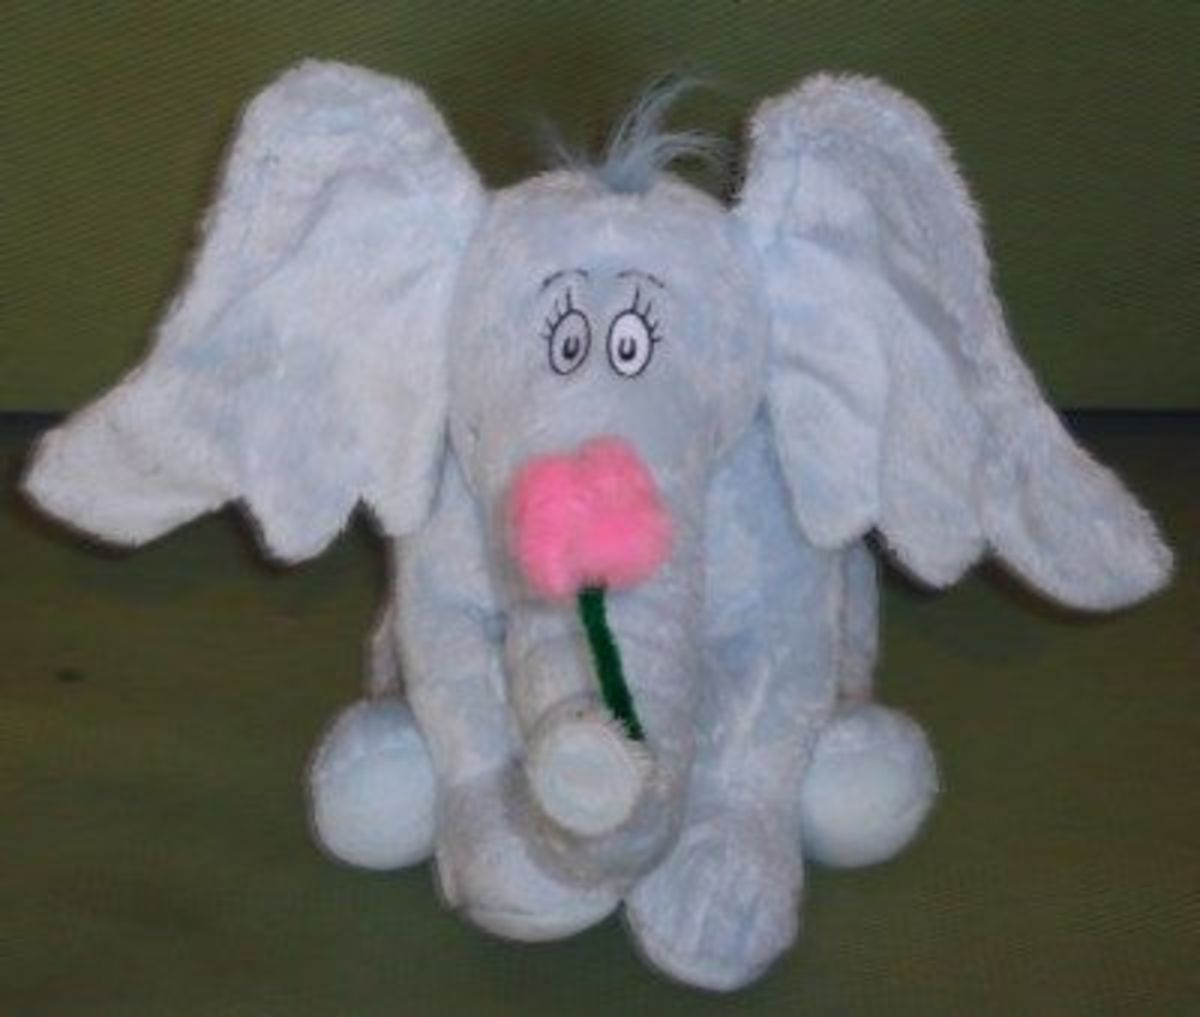 A Horton Hears a Who Saving a World